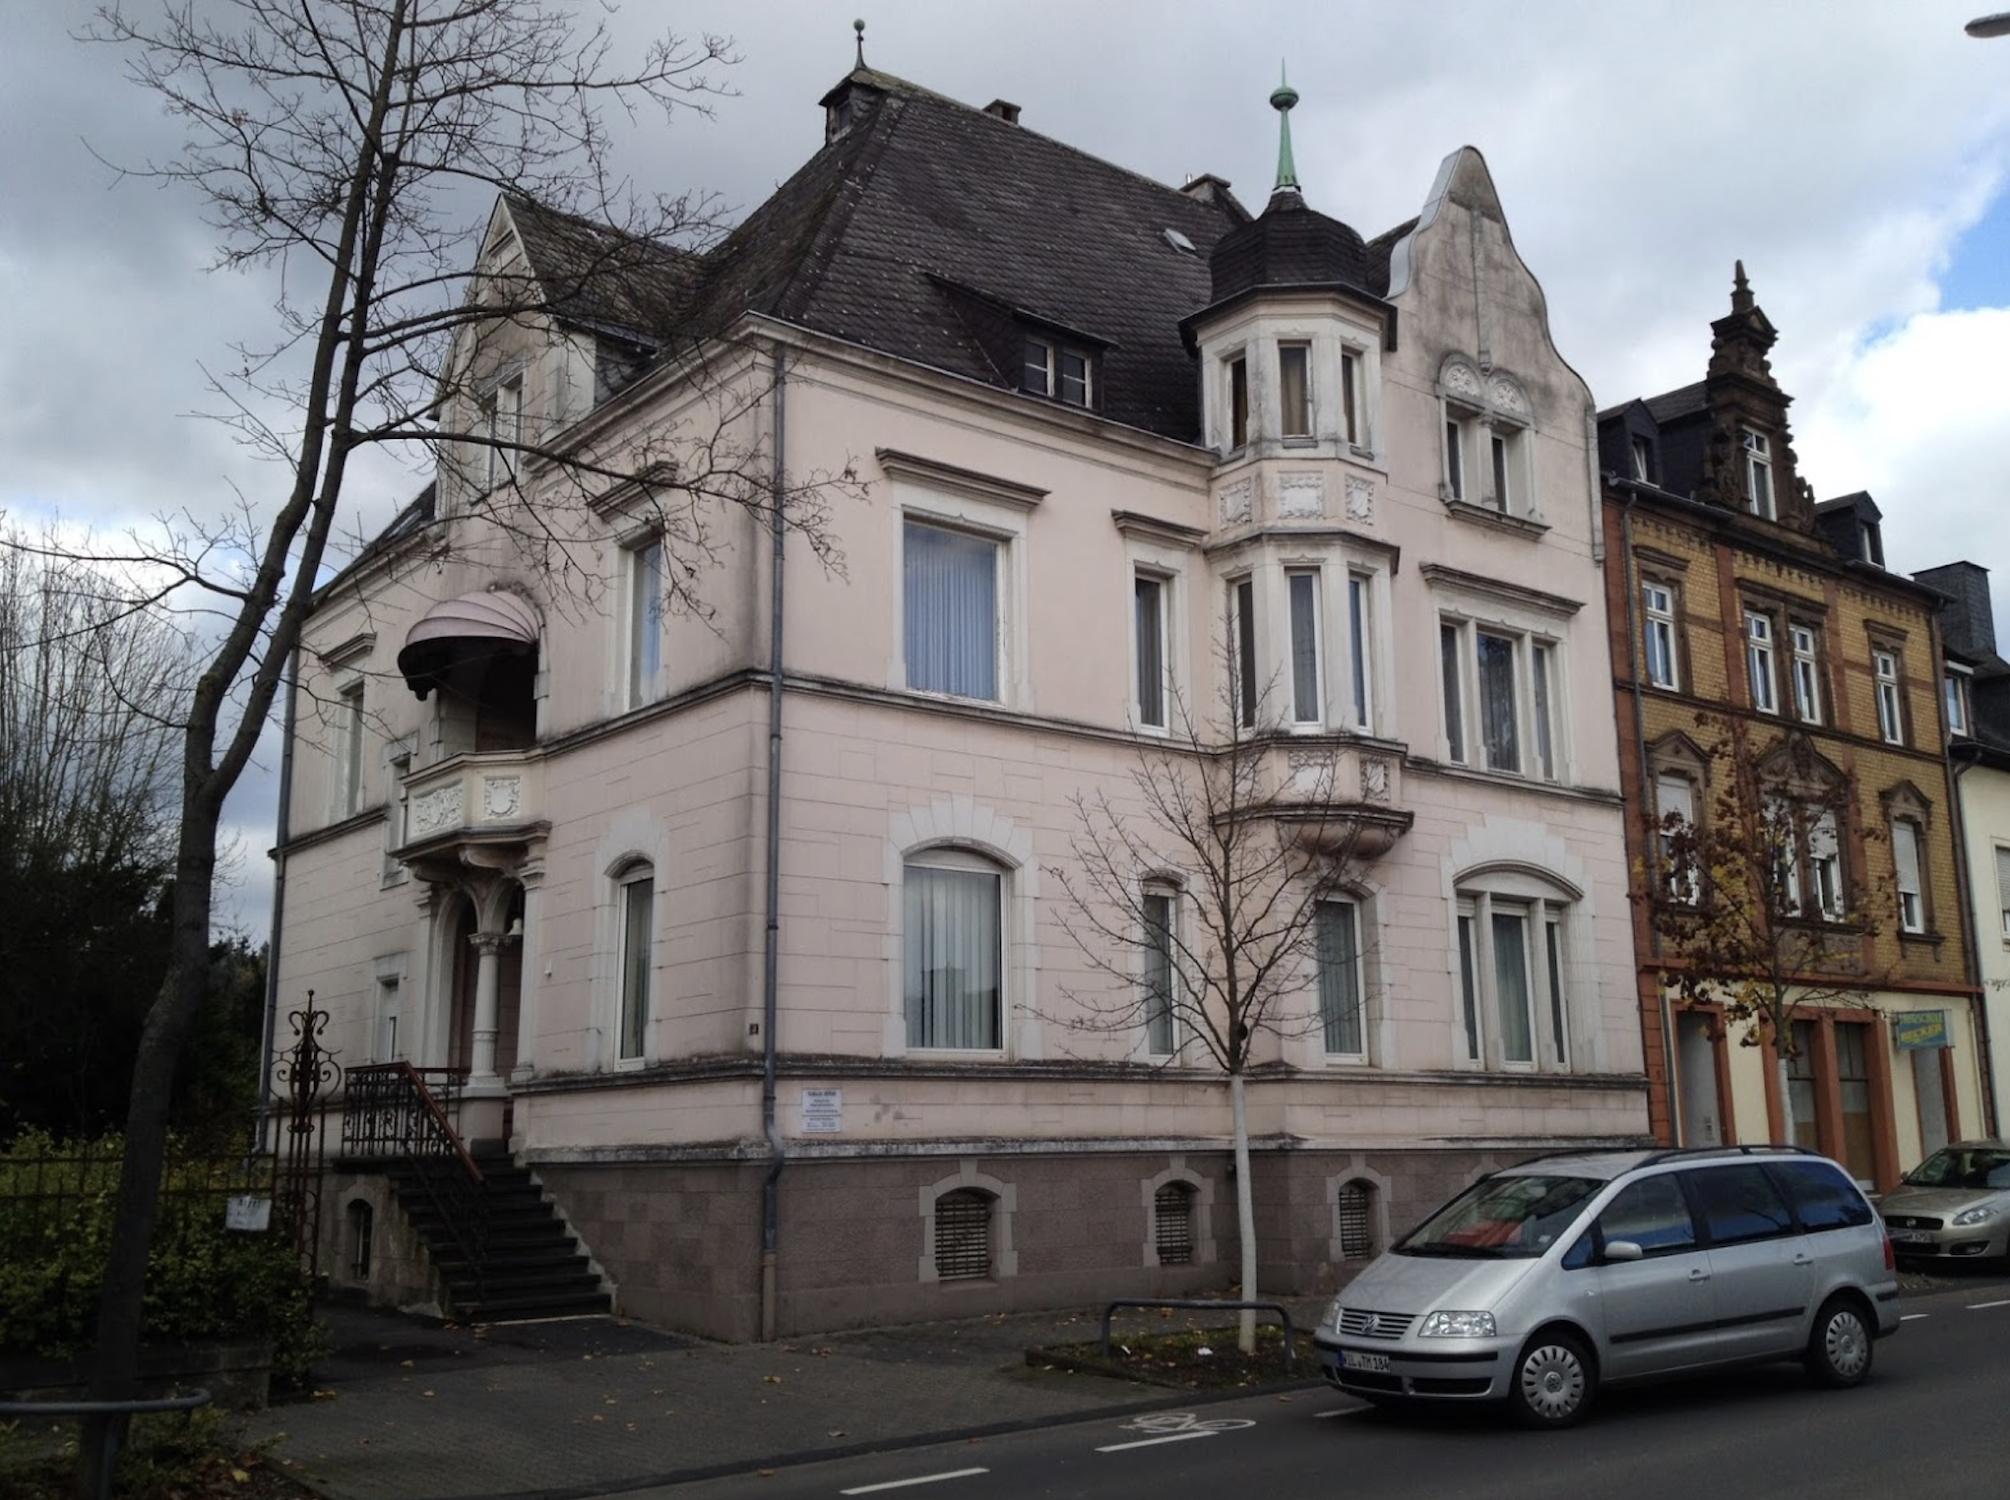 Kranz-Hau | Dohm | Lenerz - Steuerberater - Partnerschaftsgesellschaft mbB